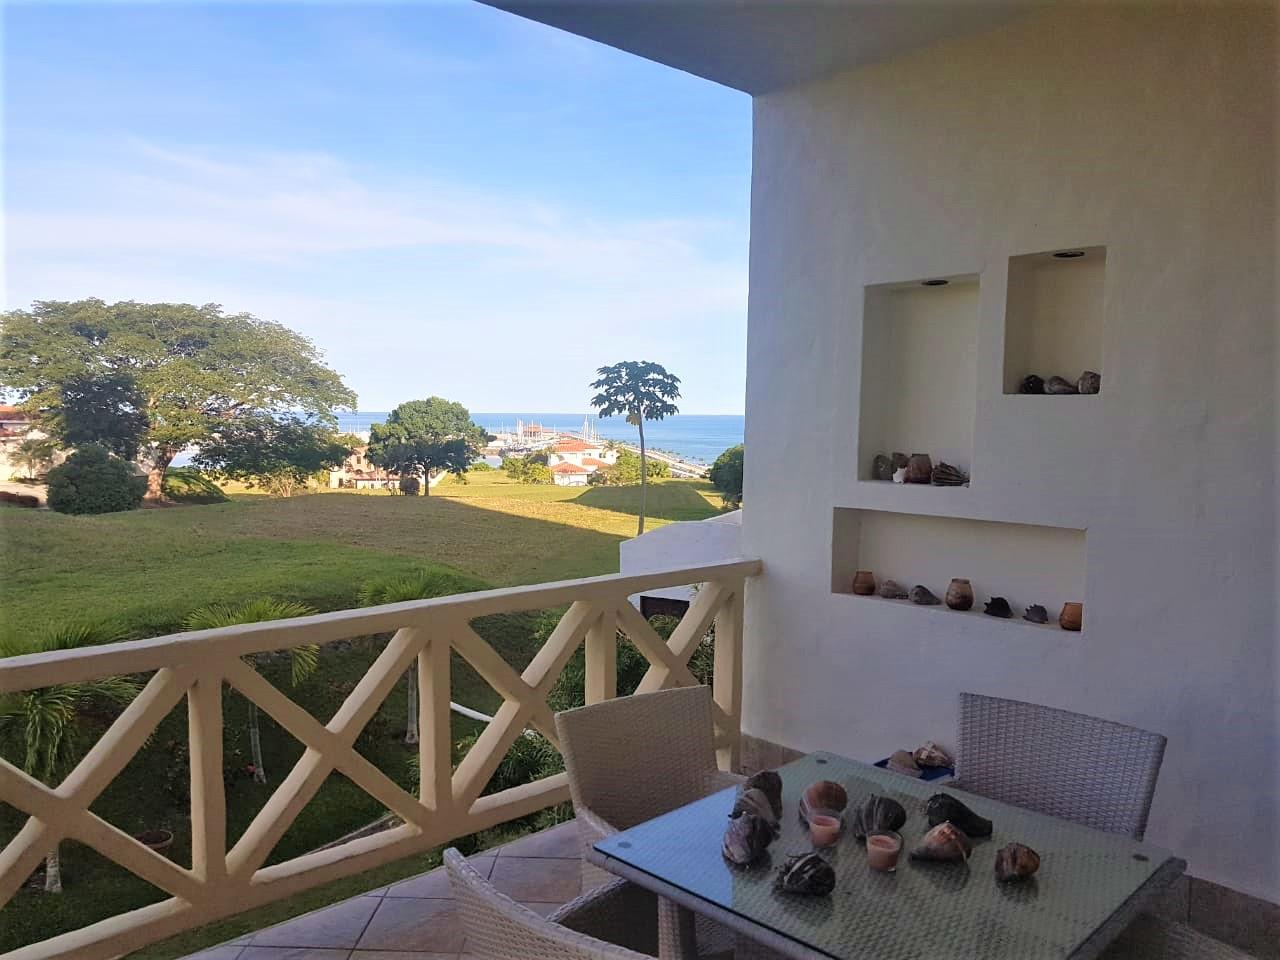 Apartamento de 3 dormitorios con vista en venta junto a la playa